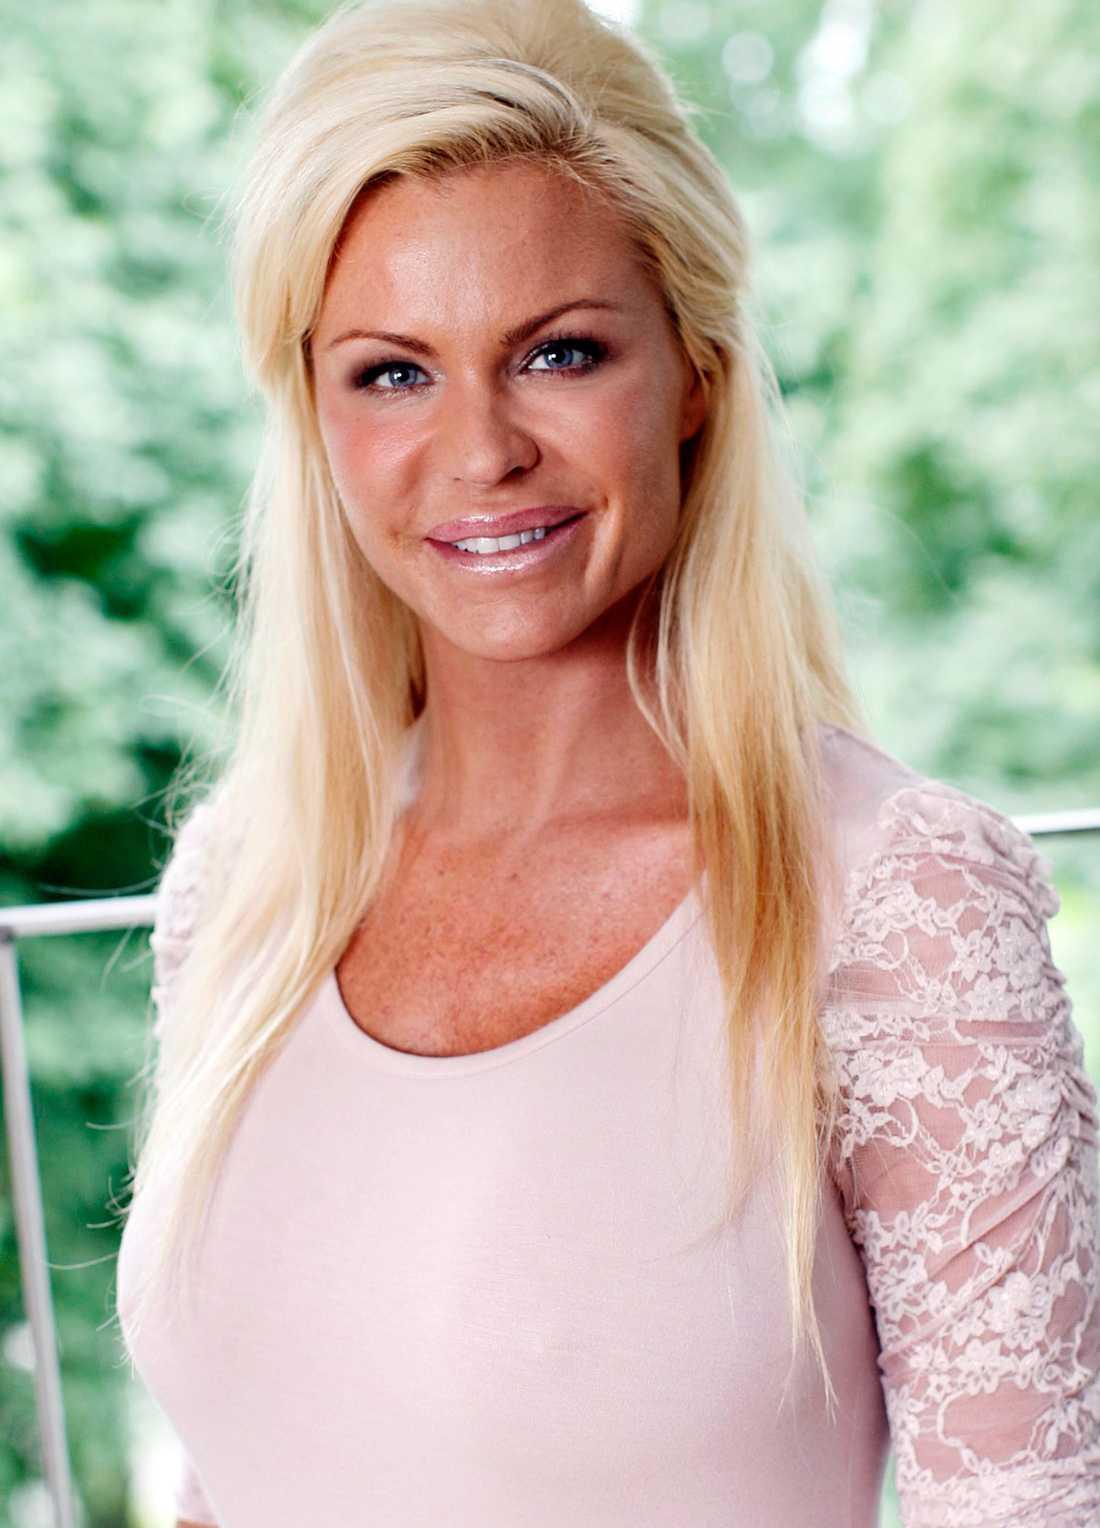 Linda Rosing Nude